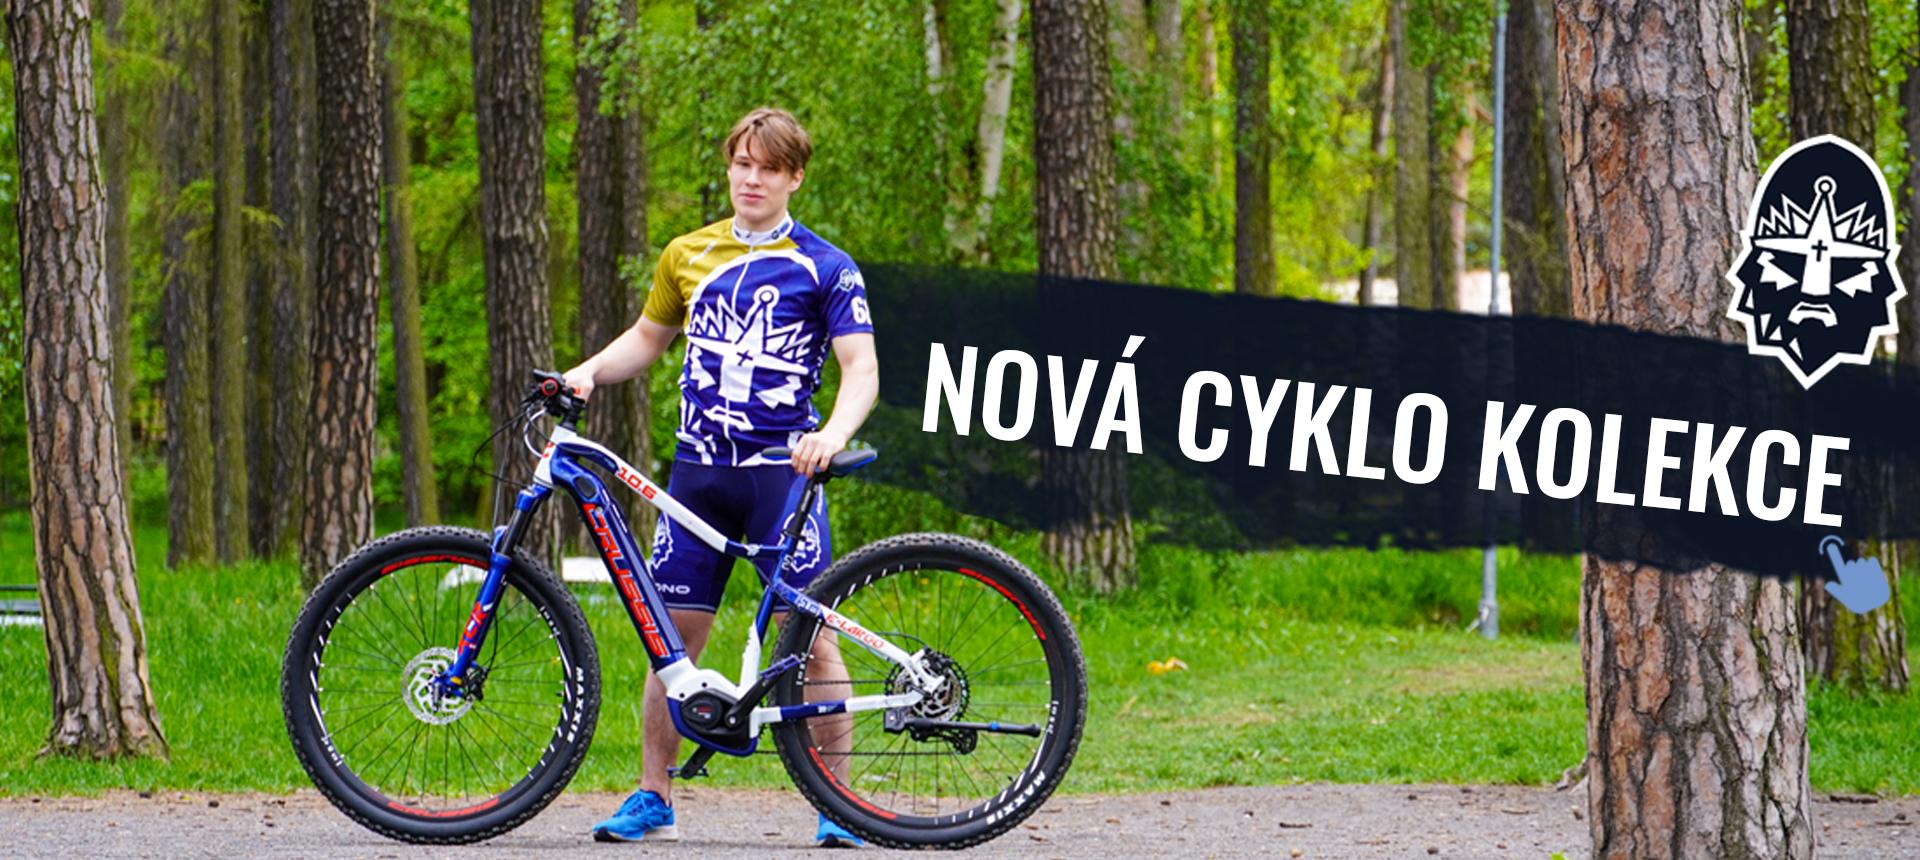 Cyklo 2021